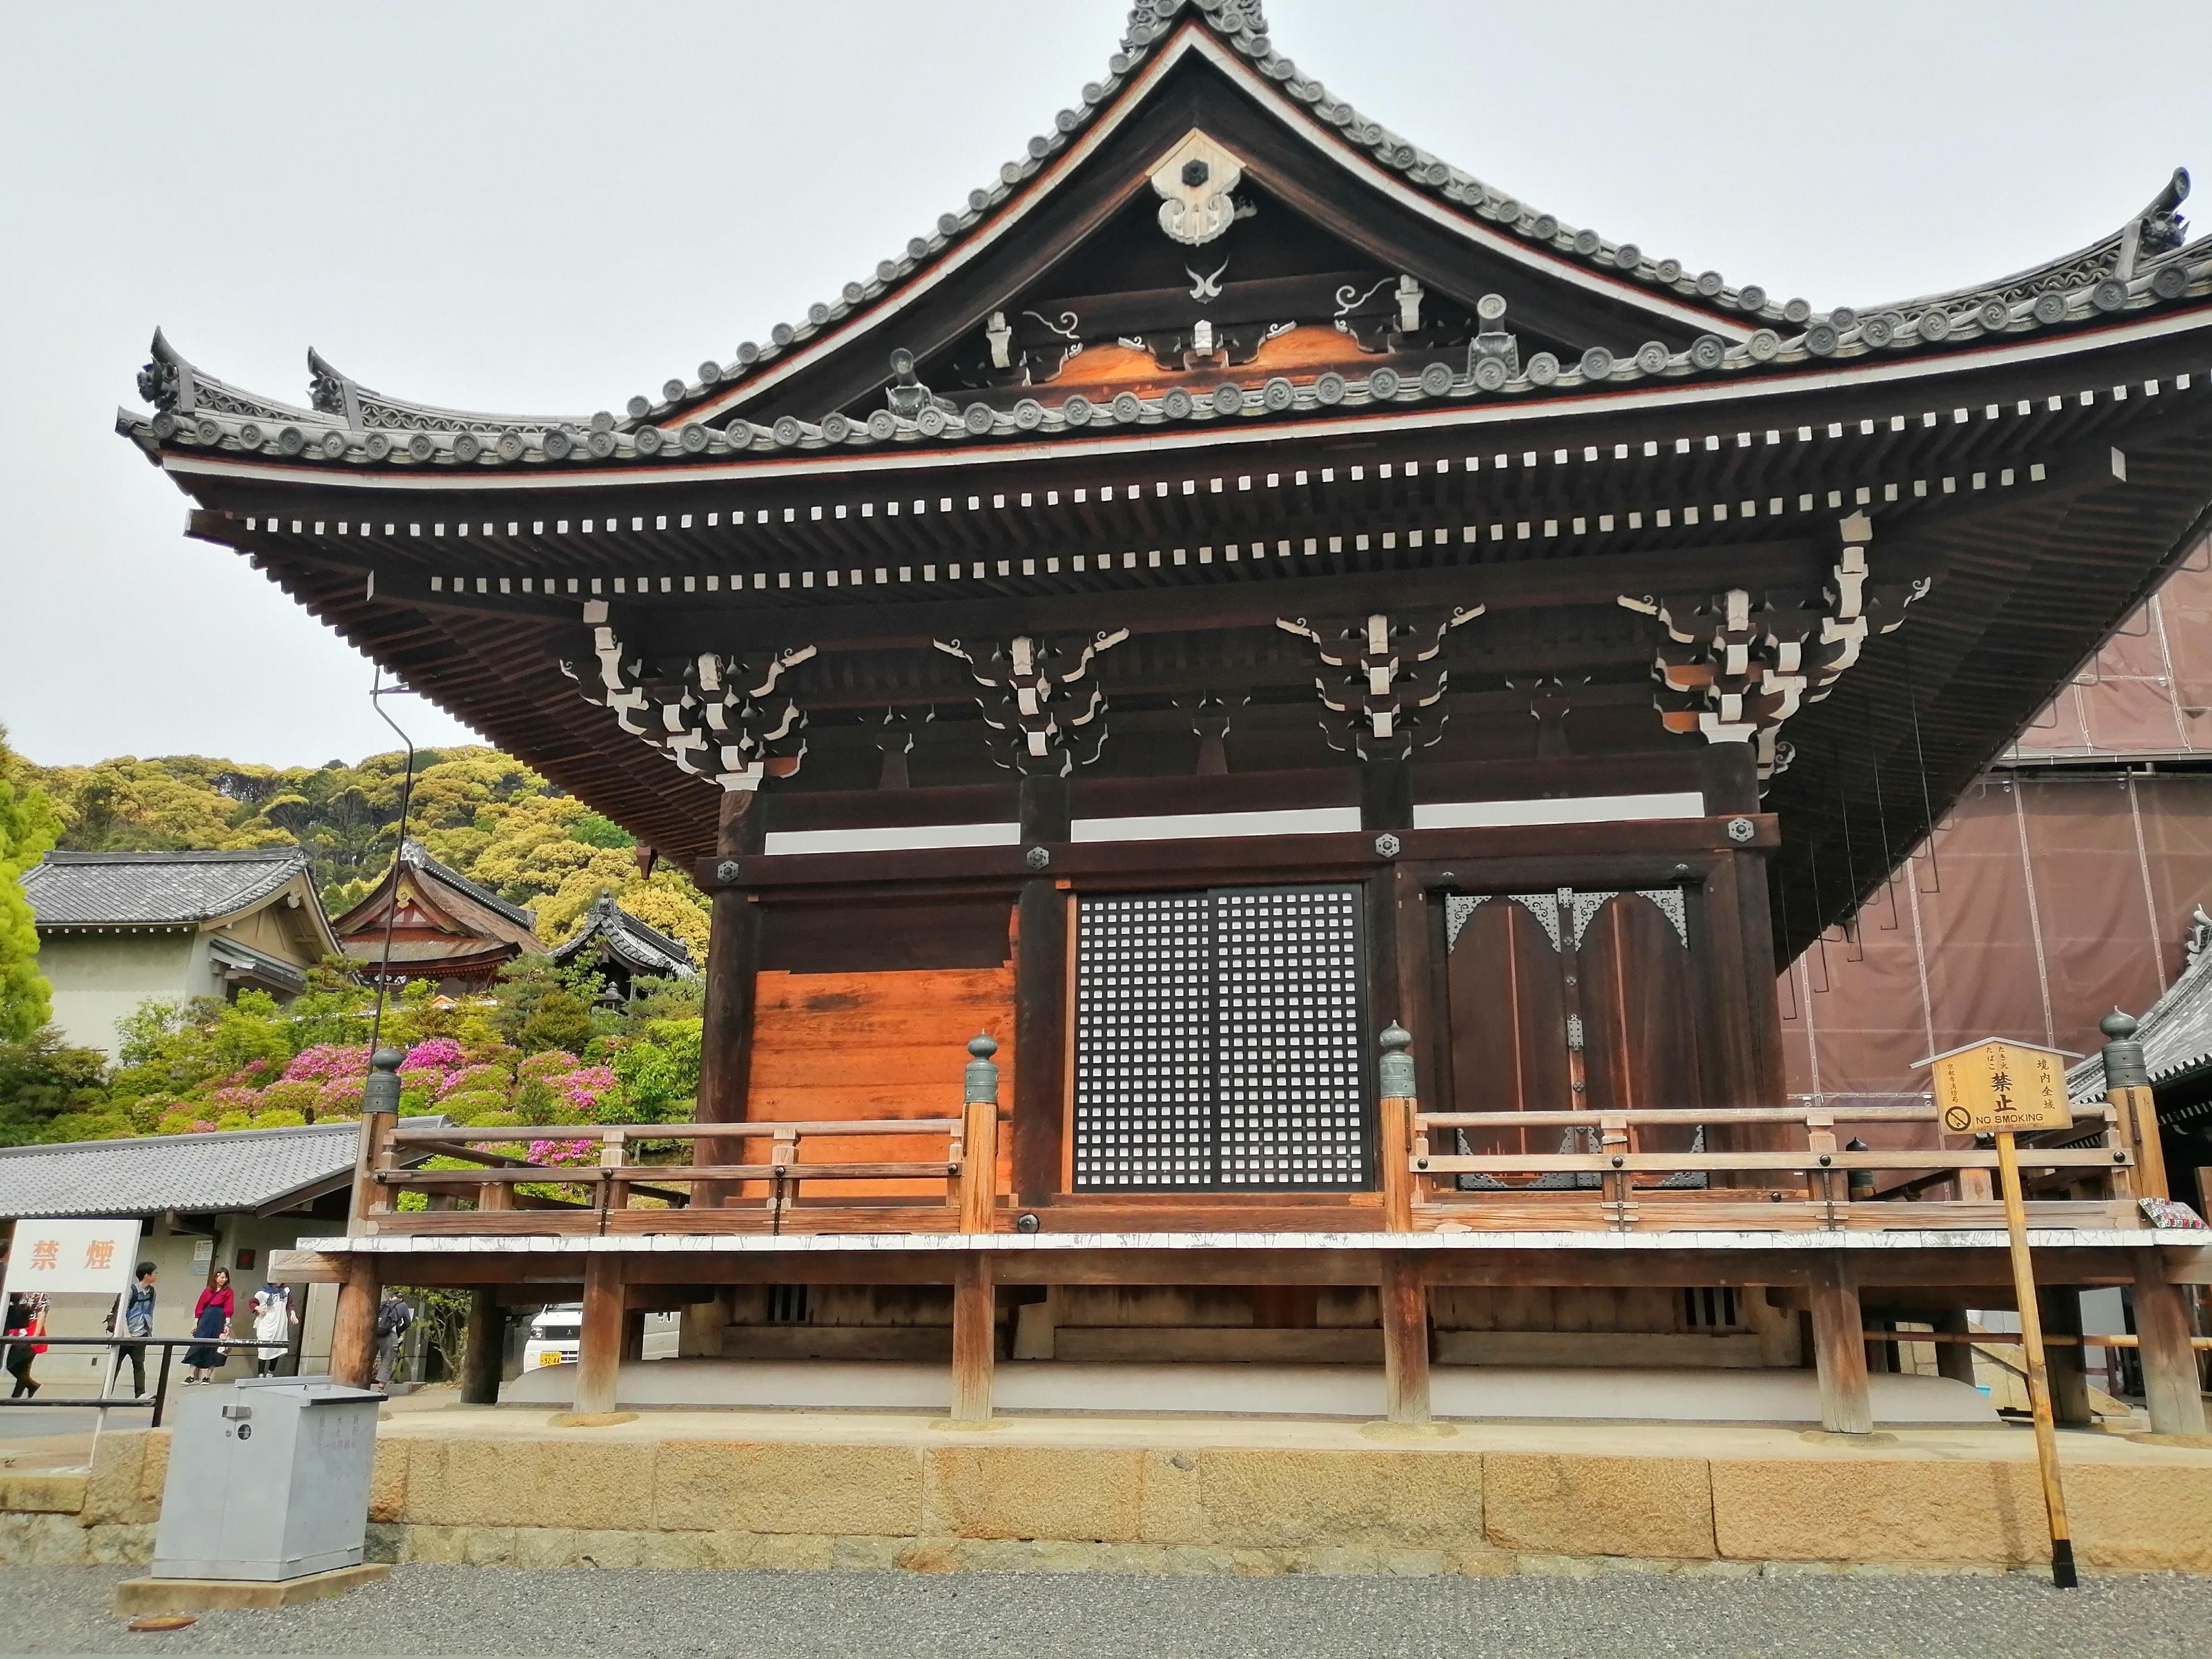 Free Images : osaka, japan, chinese architecture, japanese